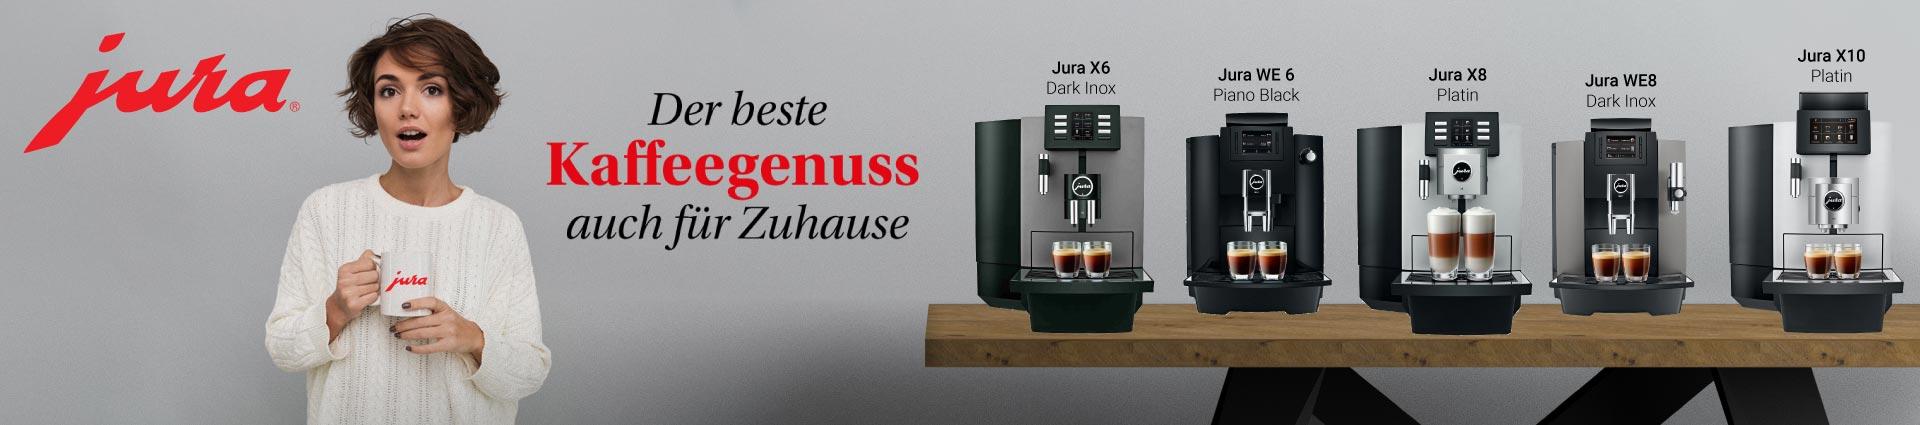 JURA - Der beste Kaffeegenuss auch für Zuhause